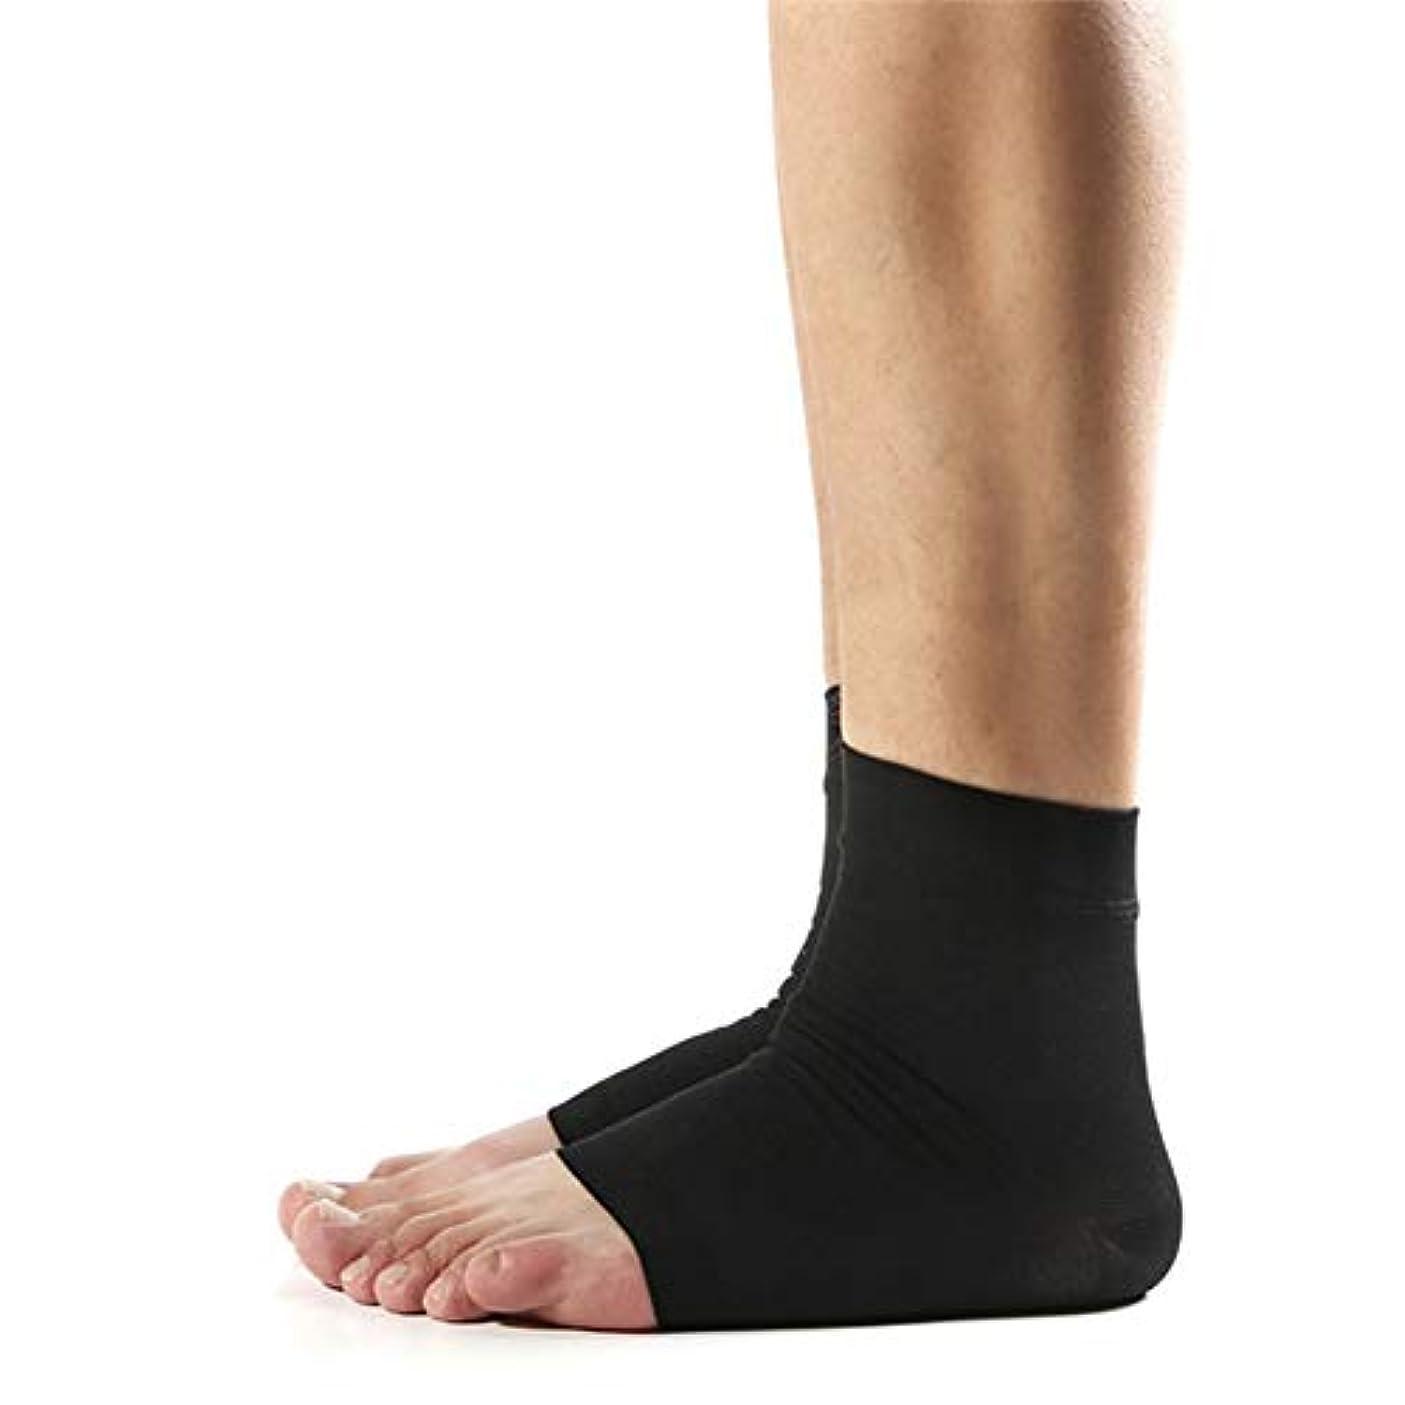 実験債権者ジョットディボンドンかかと保護弾性靴下(1ペア)、ハイヒールを破裂させるためのかかと保護装置、足底筋膜炎の緩和、かかとの拍車,黒,M